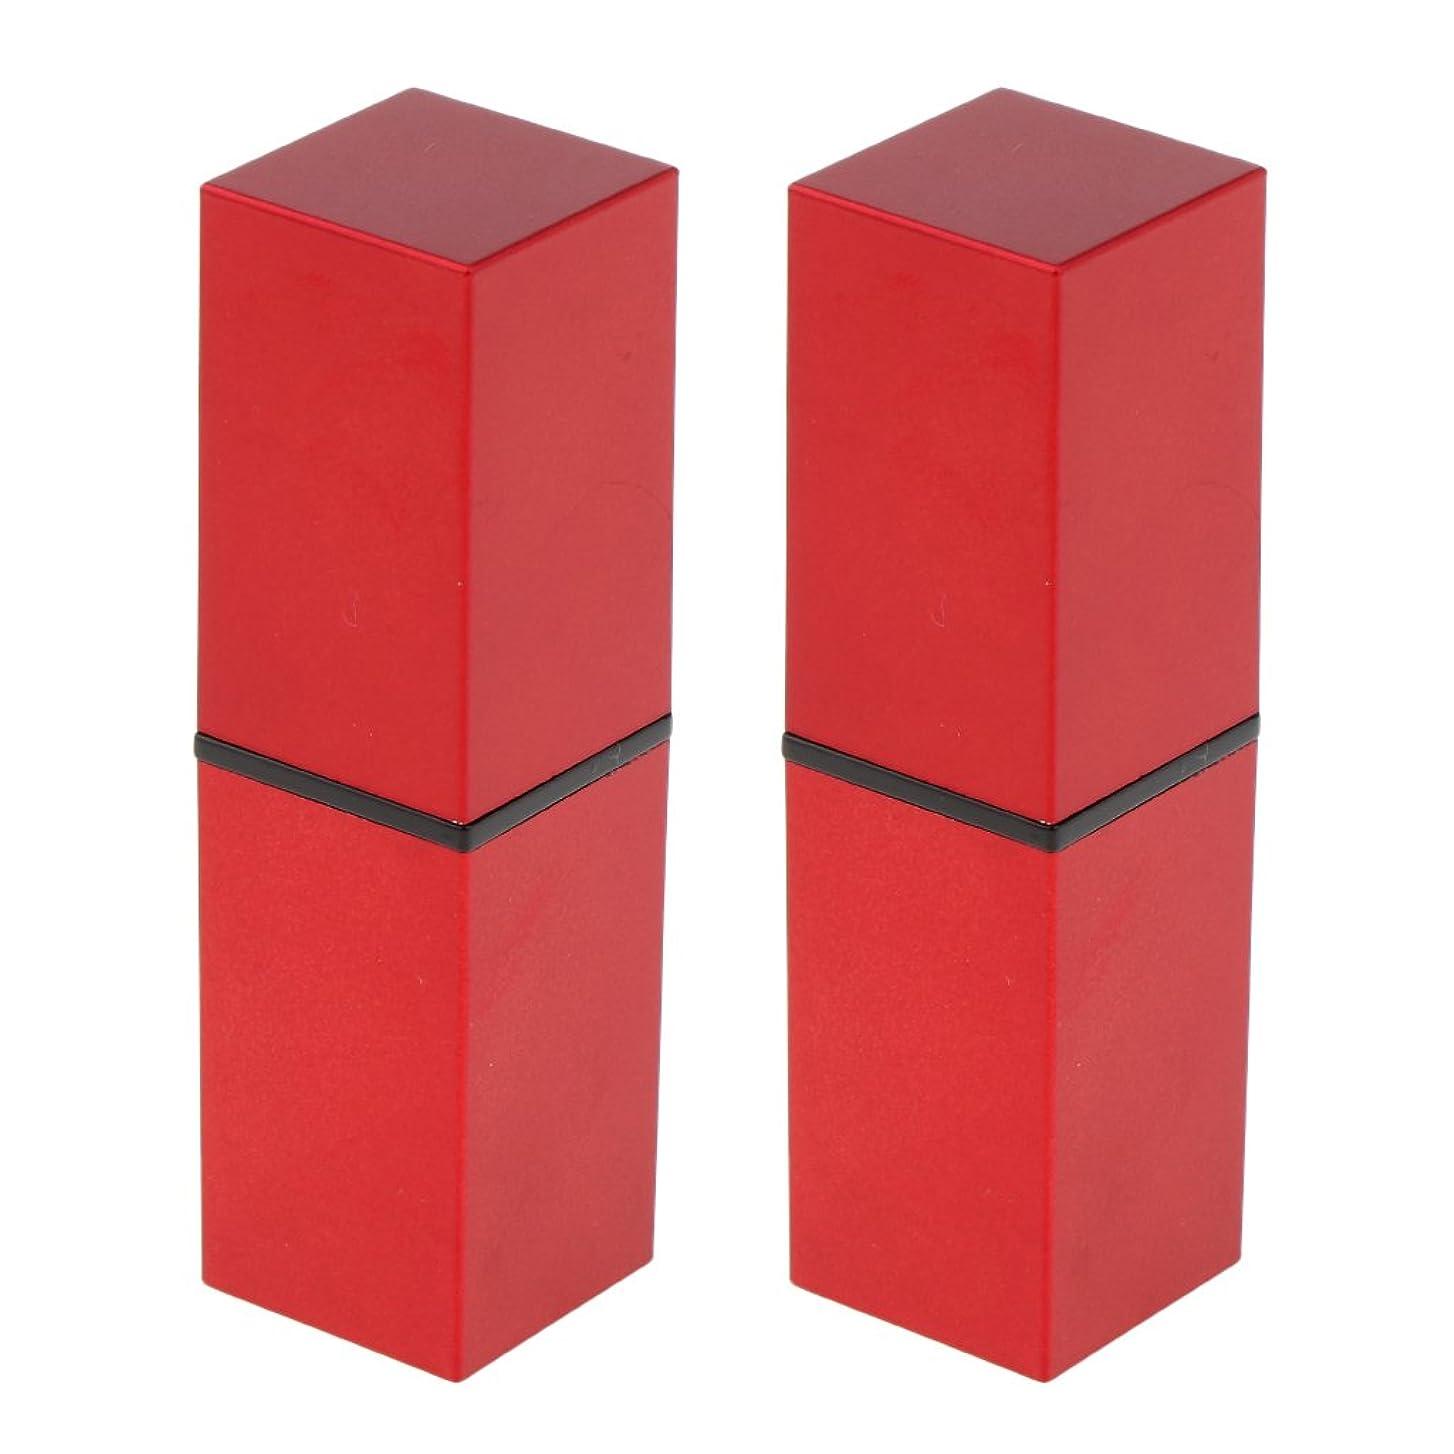 提供ジャンクきしむFenteer 2本 リップスティック 口紅 DIY 空チューブ 収納コンテナ リップバーム 12.1MM 口紅チューブ 手作り 全4色 - 赤